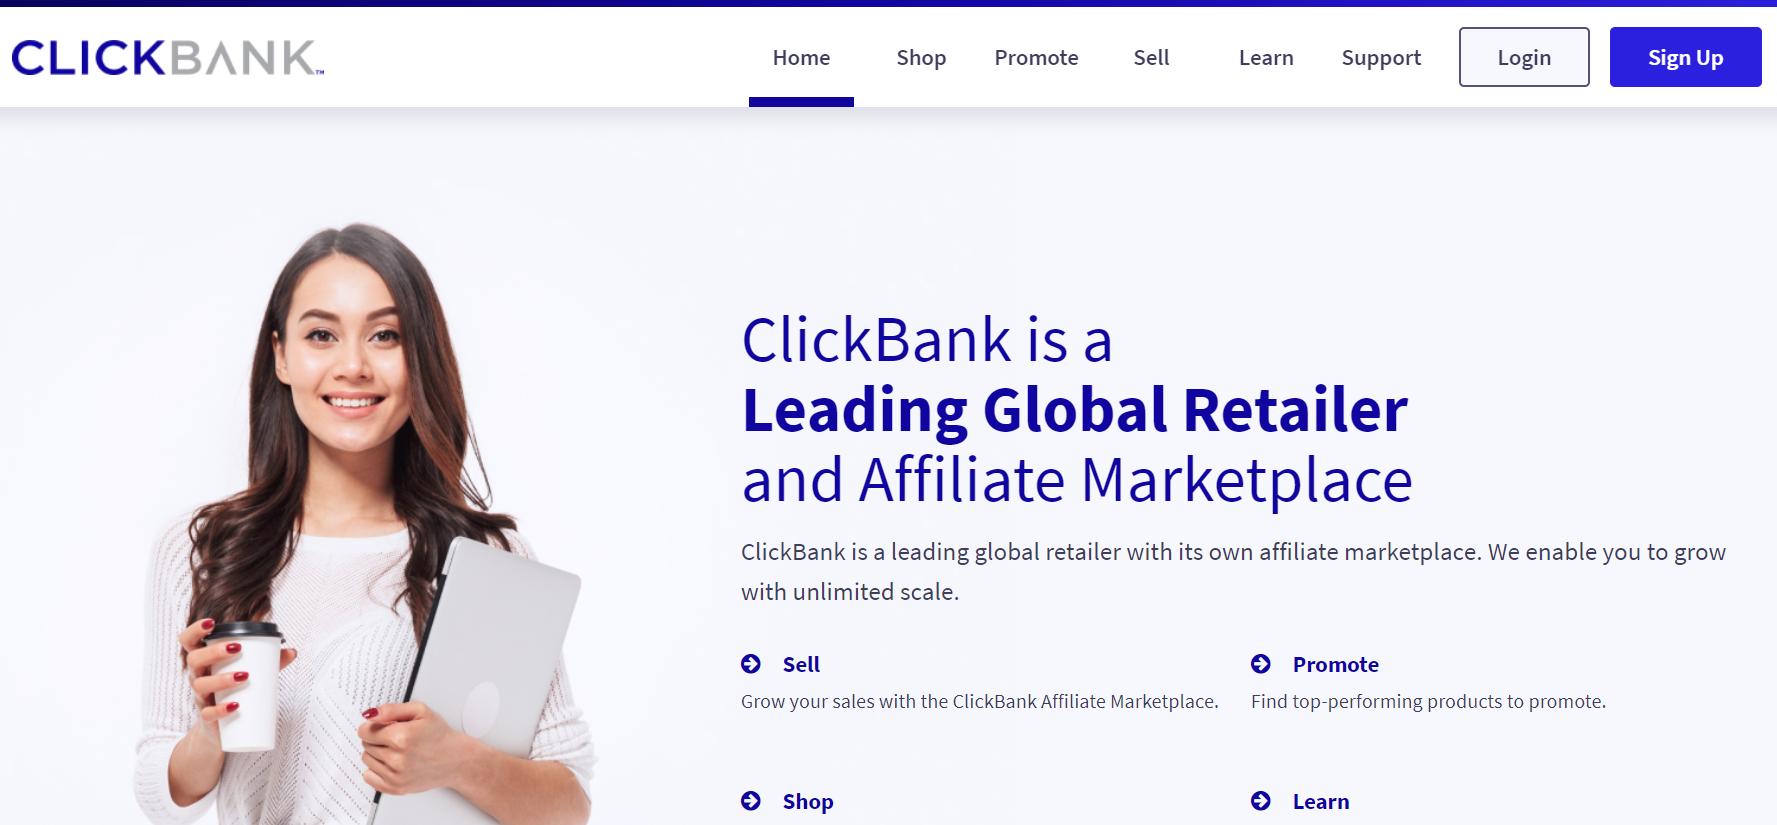 مواقع الربح من الانترنت